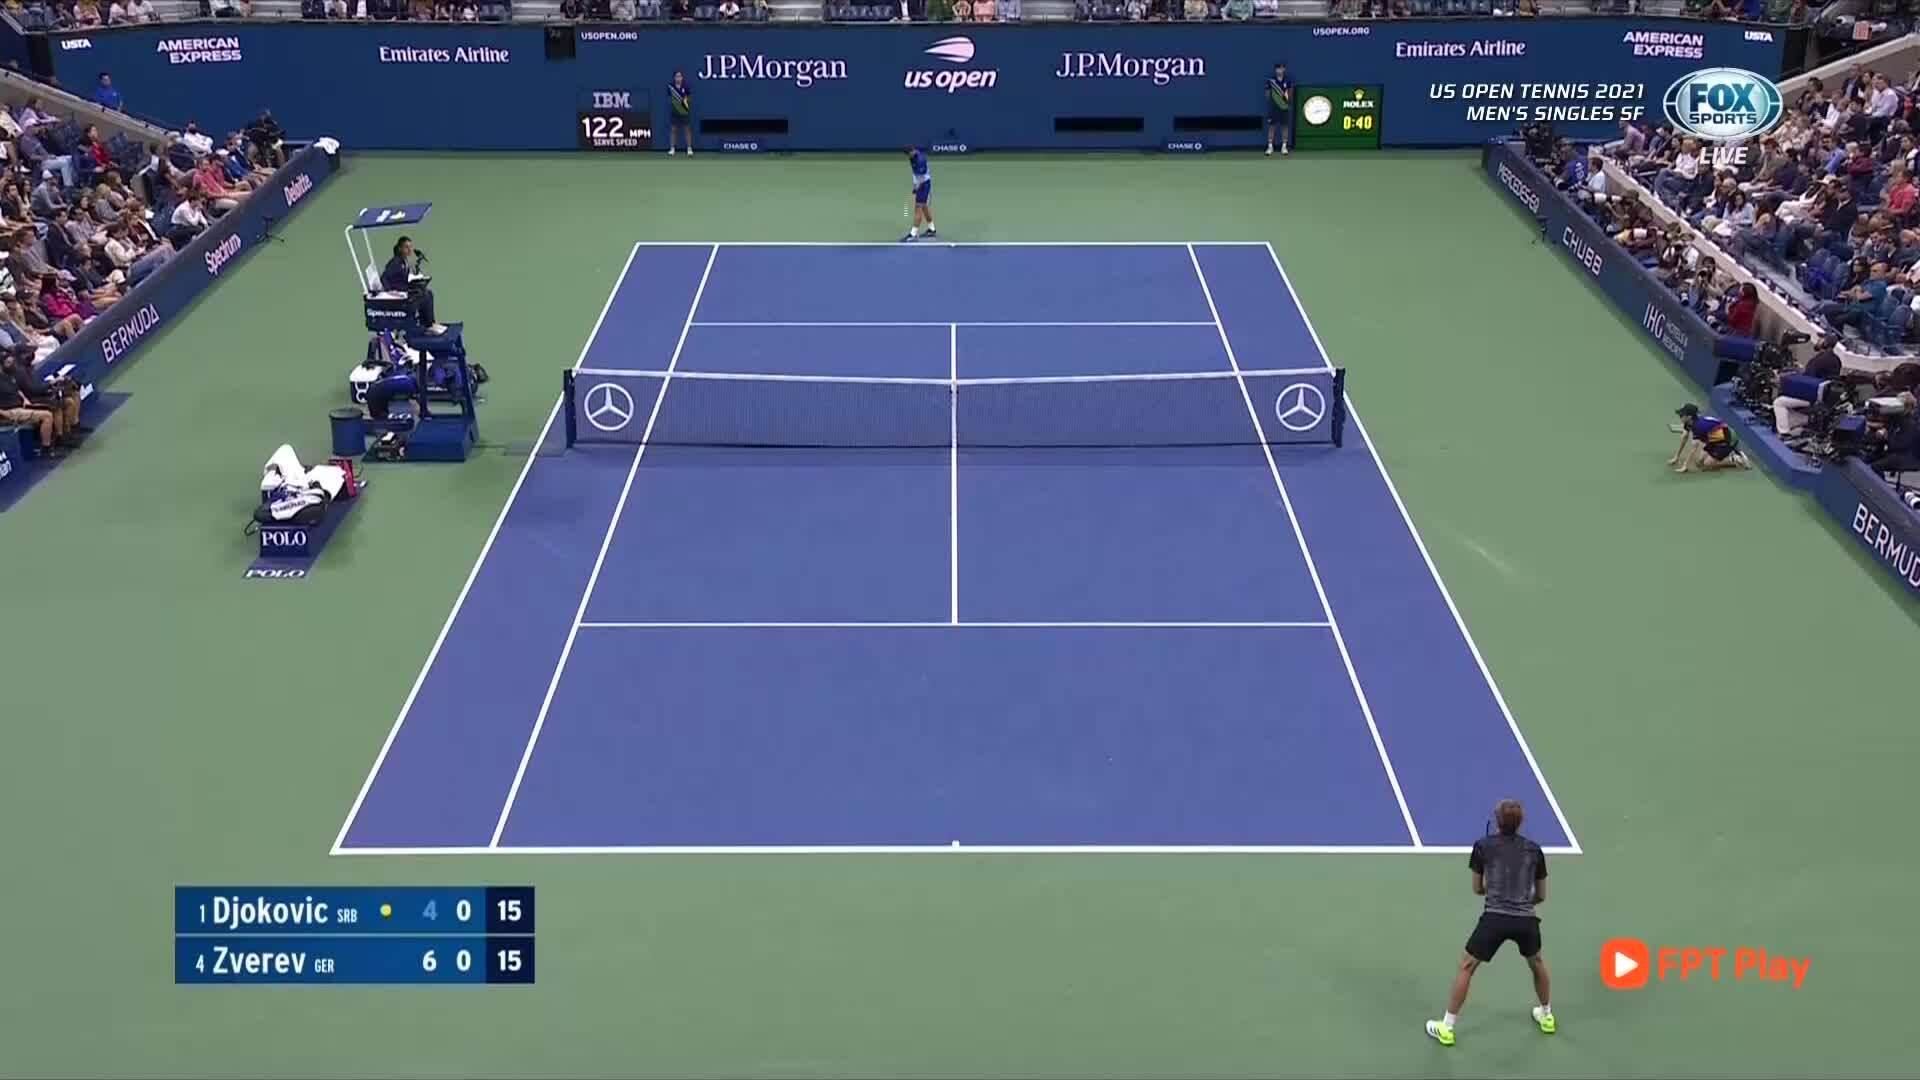 Djokovic memimpin 1-0 di set 2